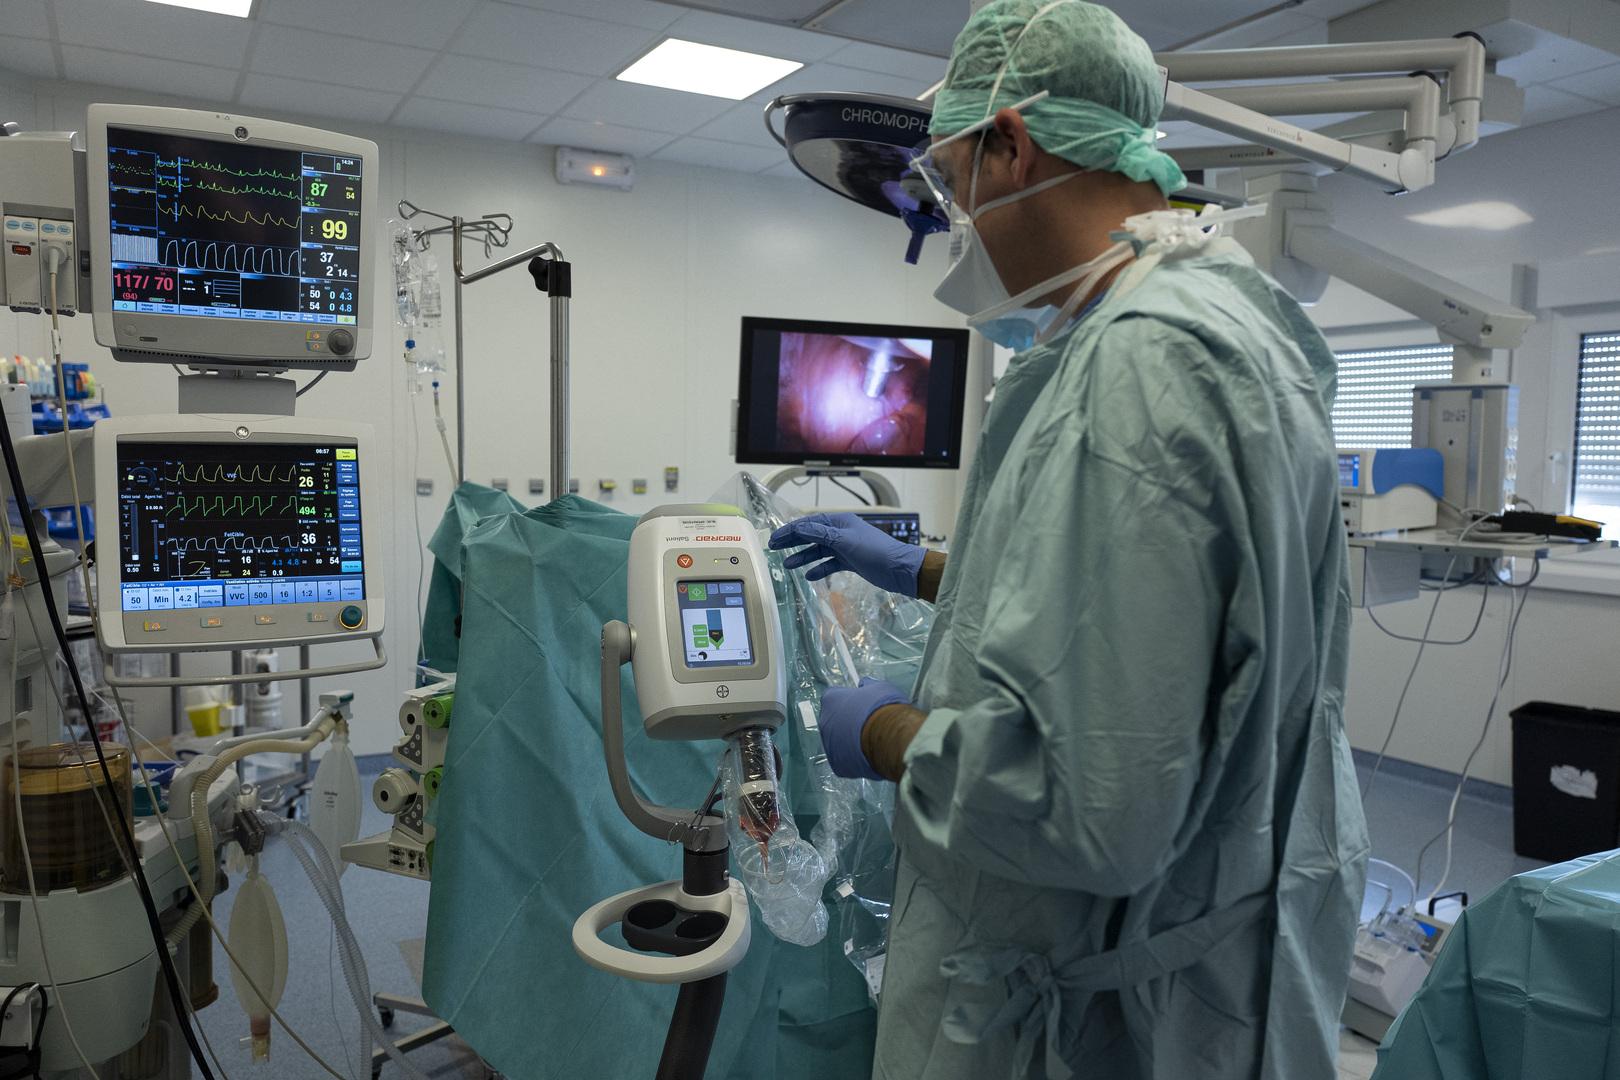 طبيب أورام يحذر من علامات دالة على سرطان البنكرياس